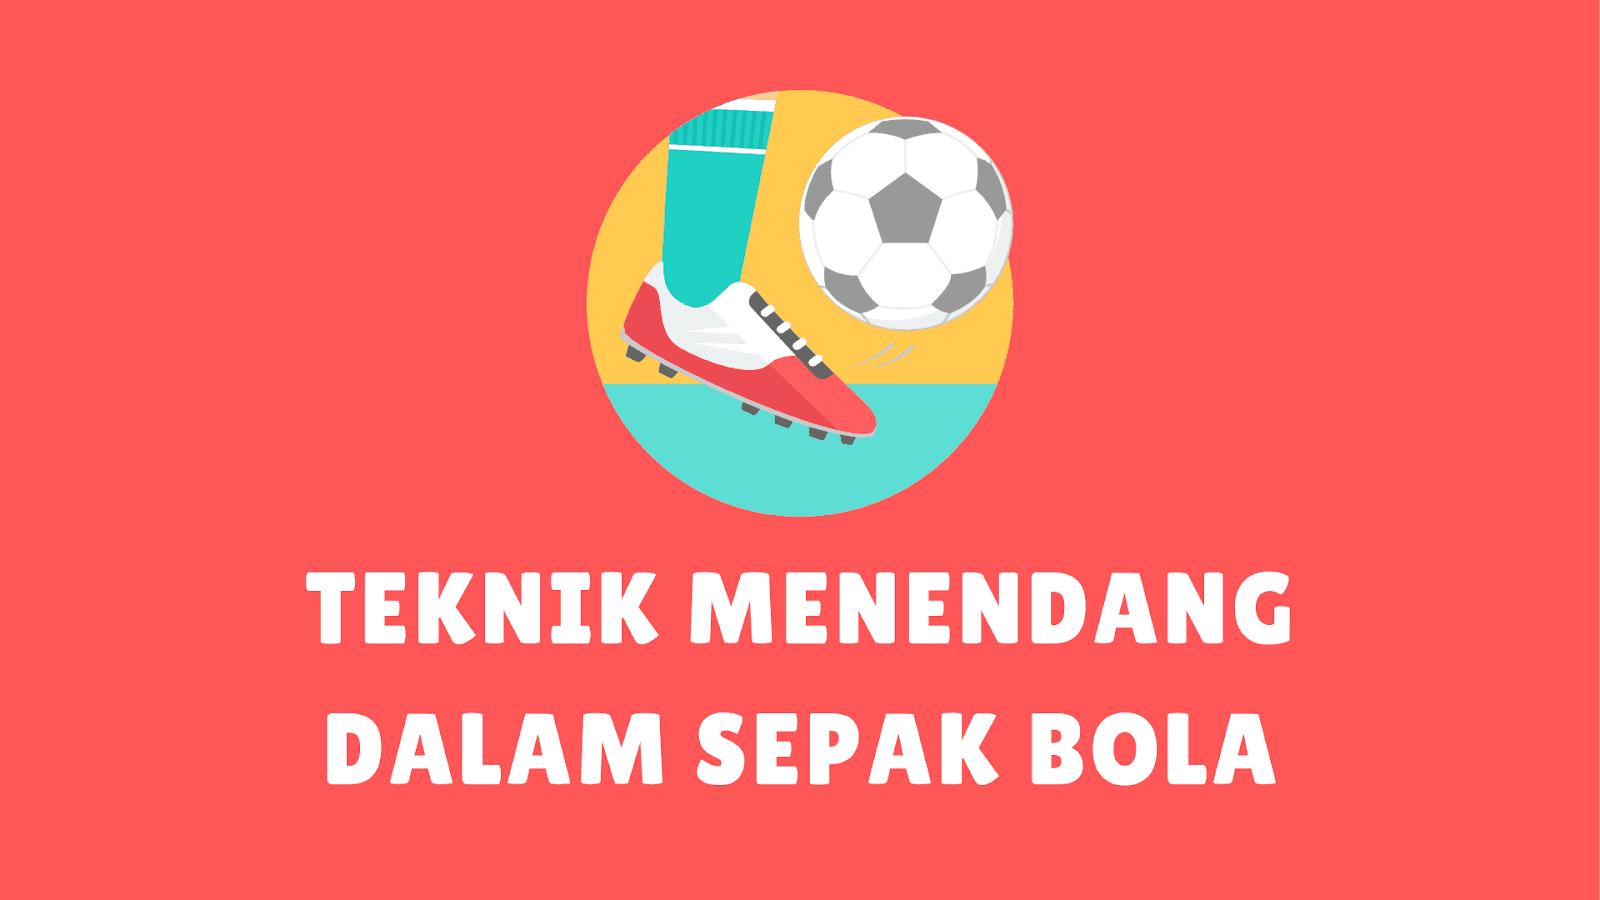 4 Teknik Menendang Bola Dalam Sepak Bola Yang Benar Dan Gambarnya